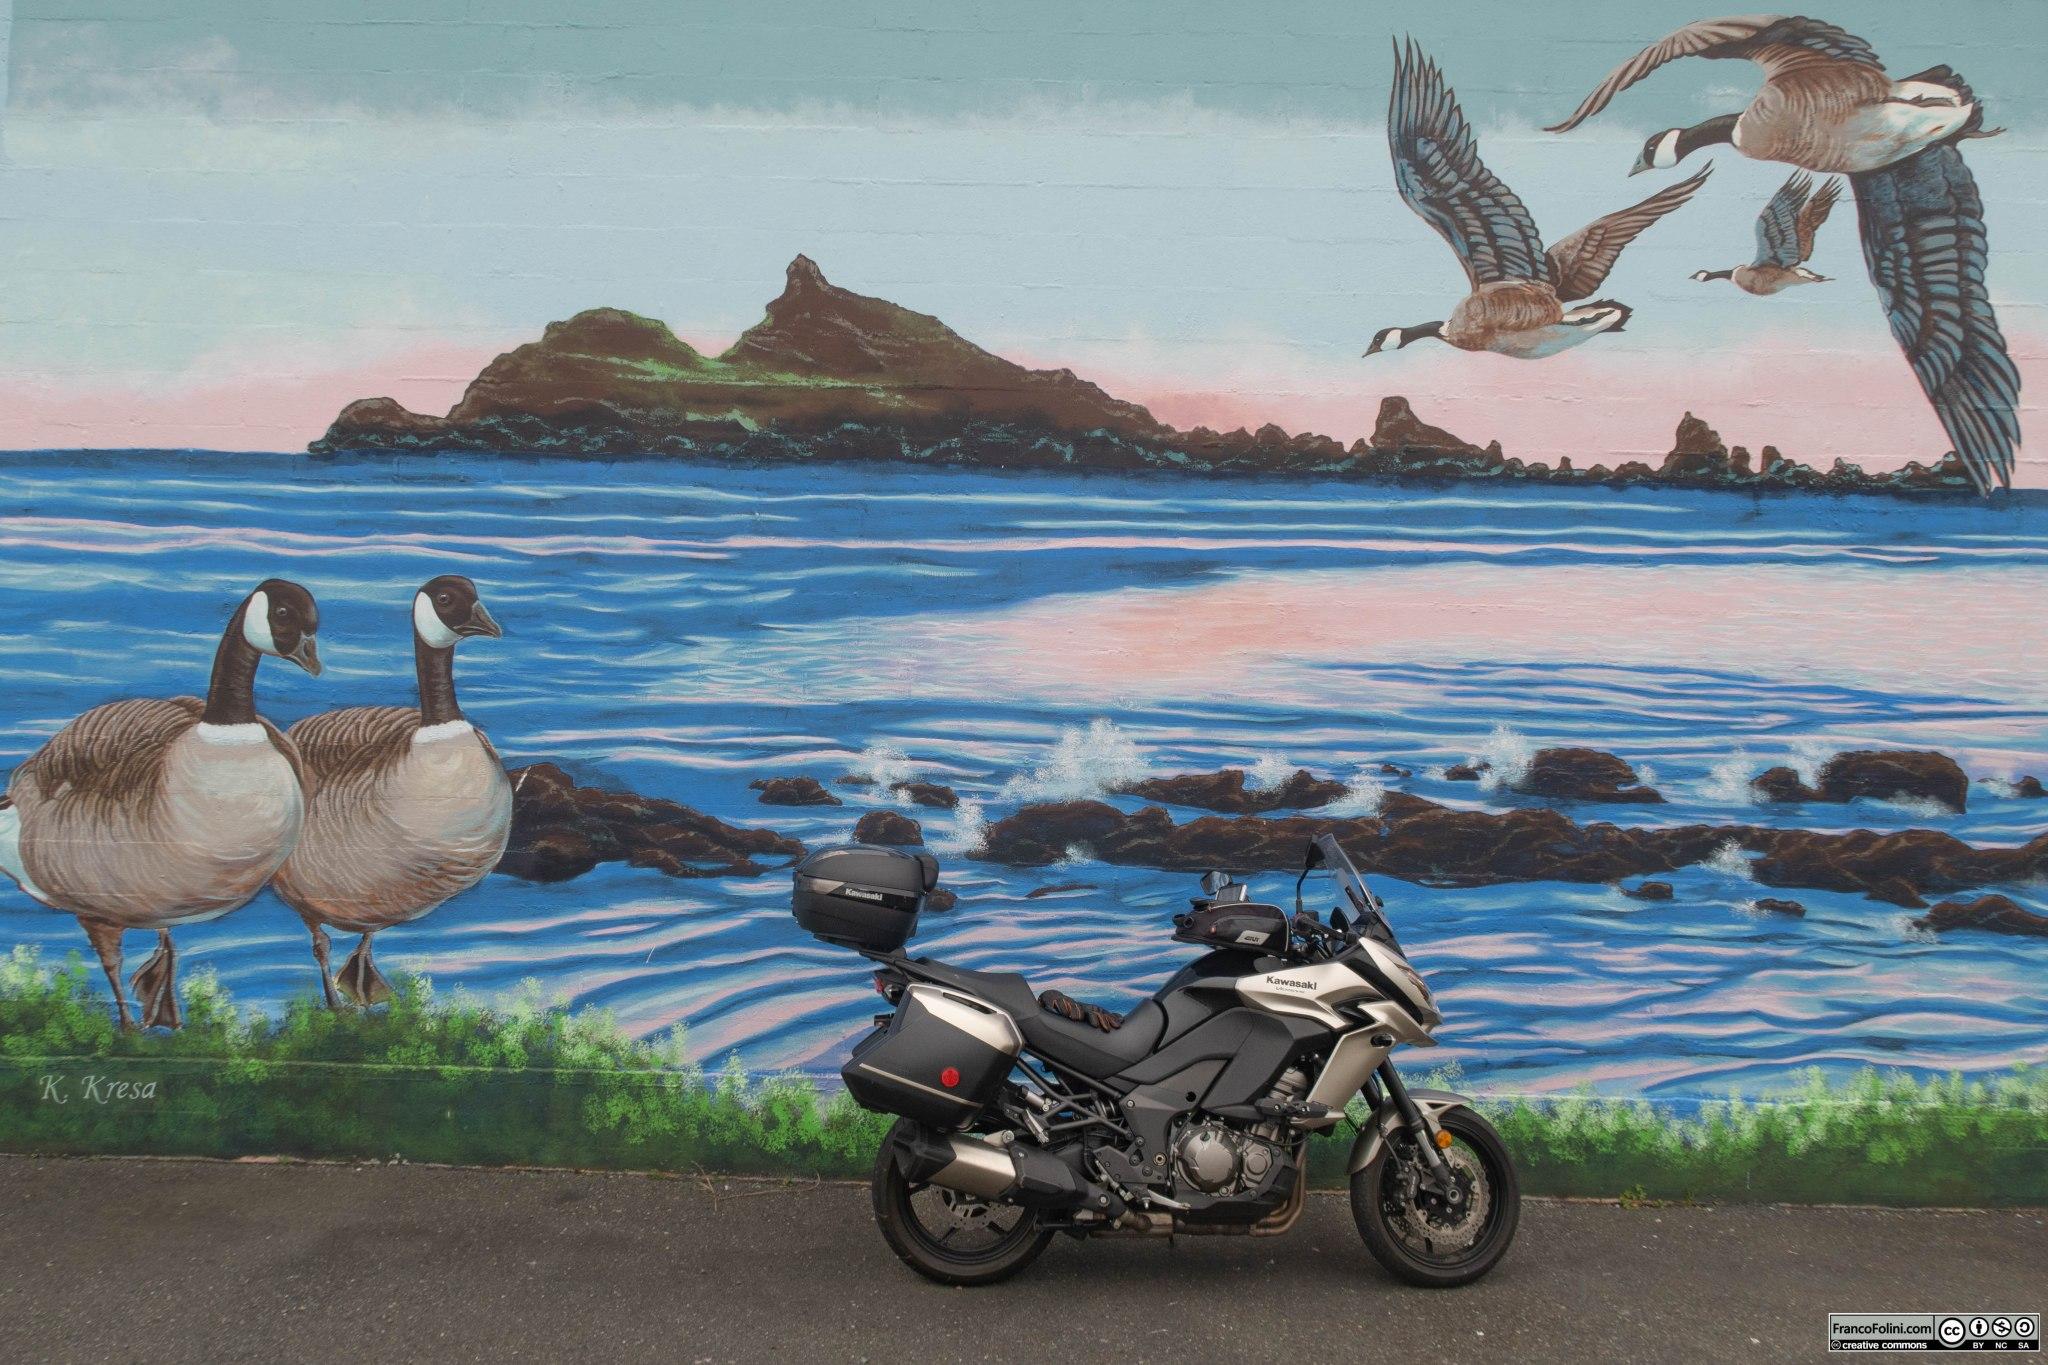 Ovviamente non poteva mancare una foto della mia Kawasaki Versys davanti a un murale. Questo murale dedicato alle oche canadesi si trova a Crescent City, CA